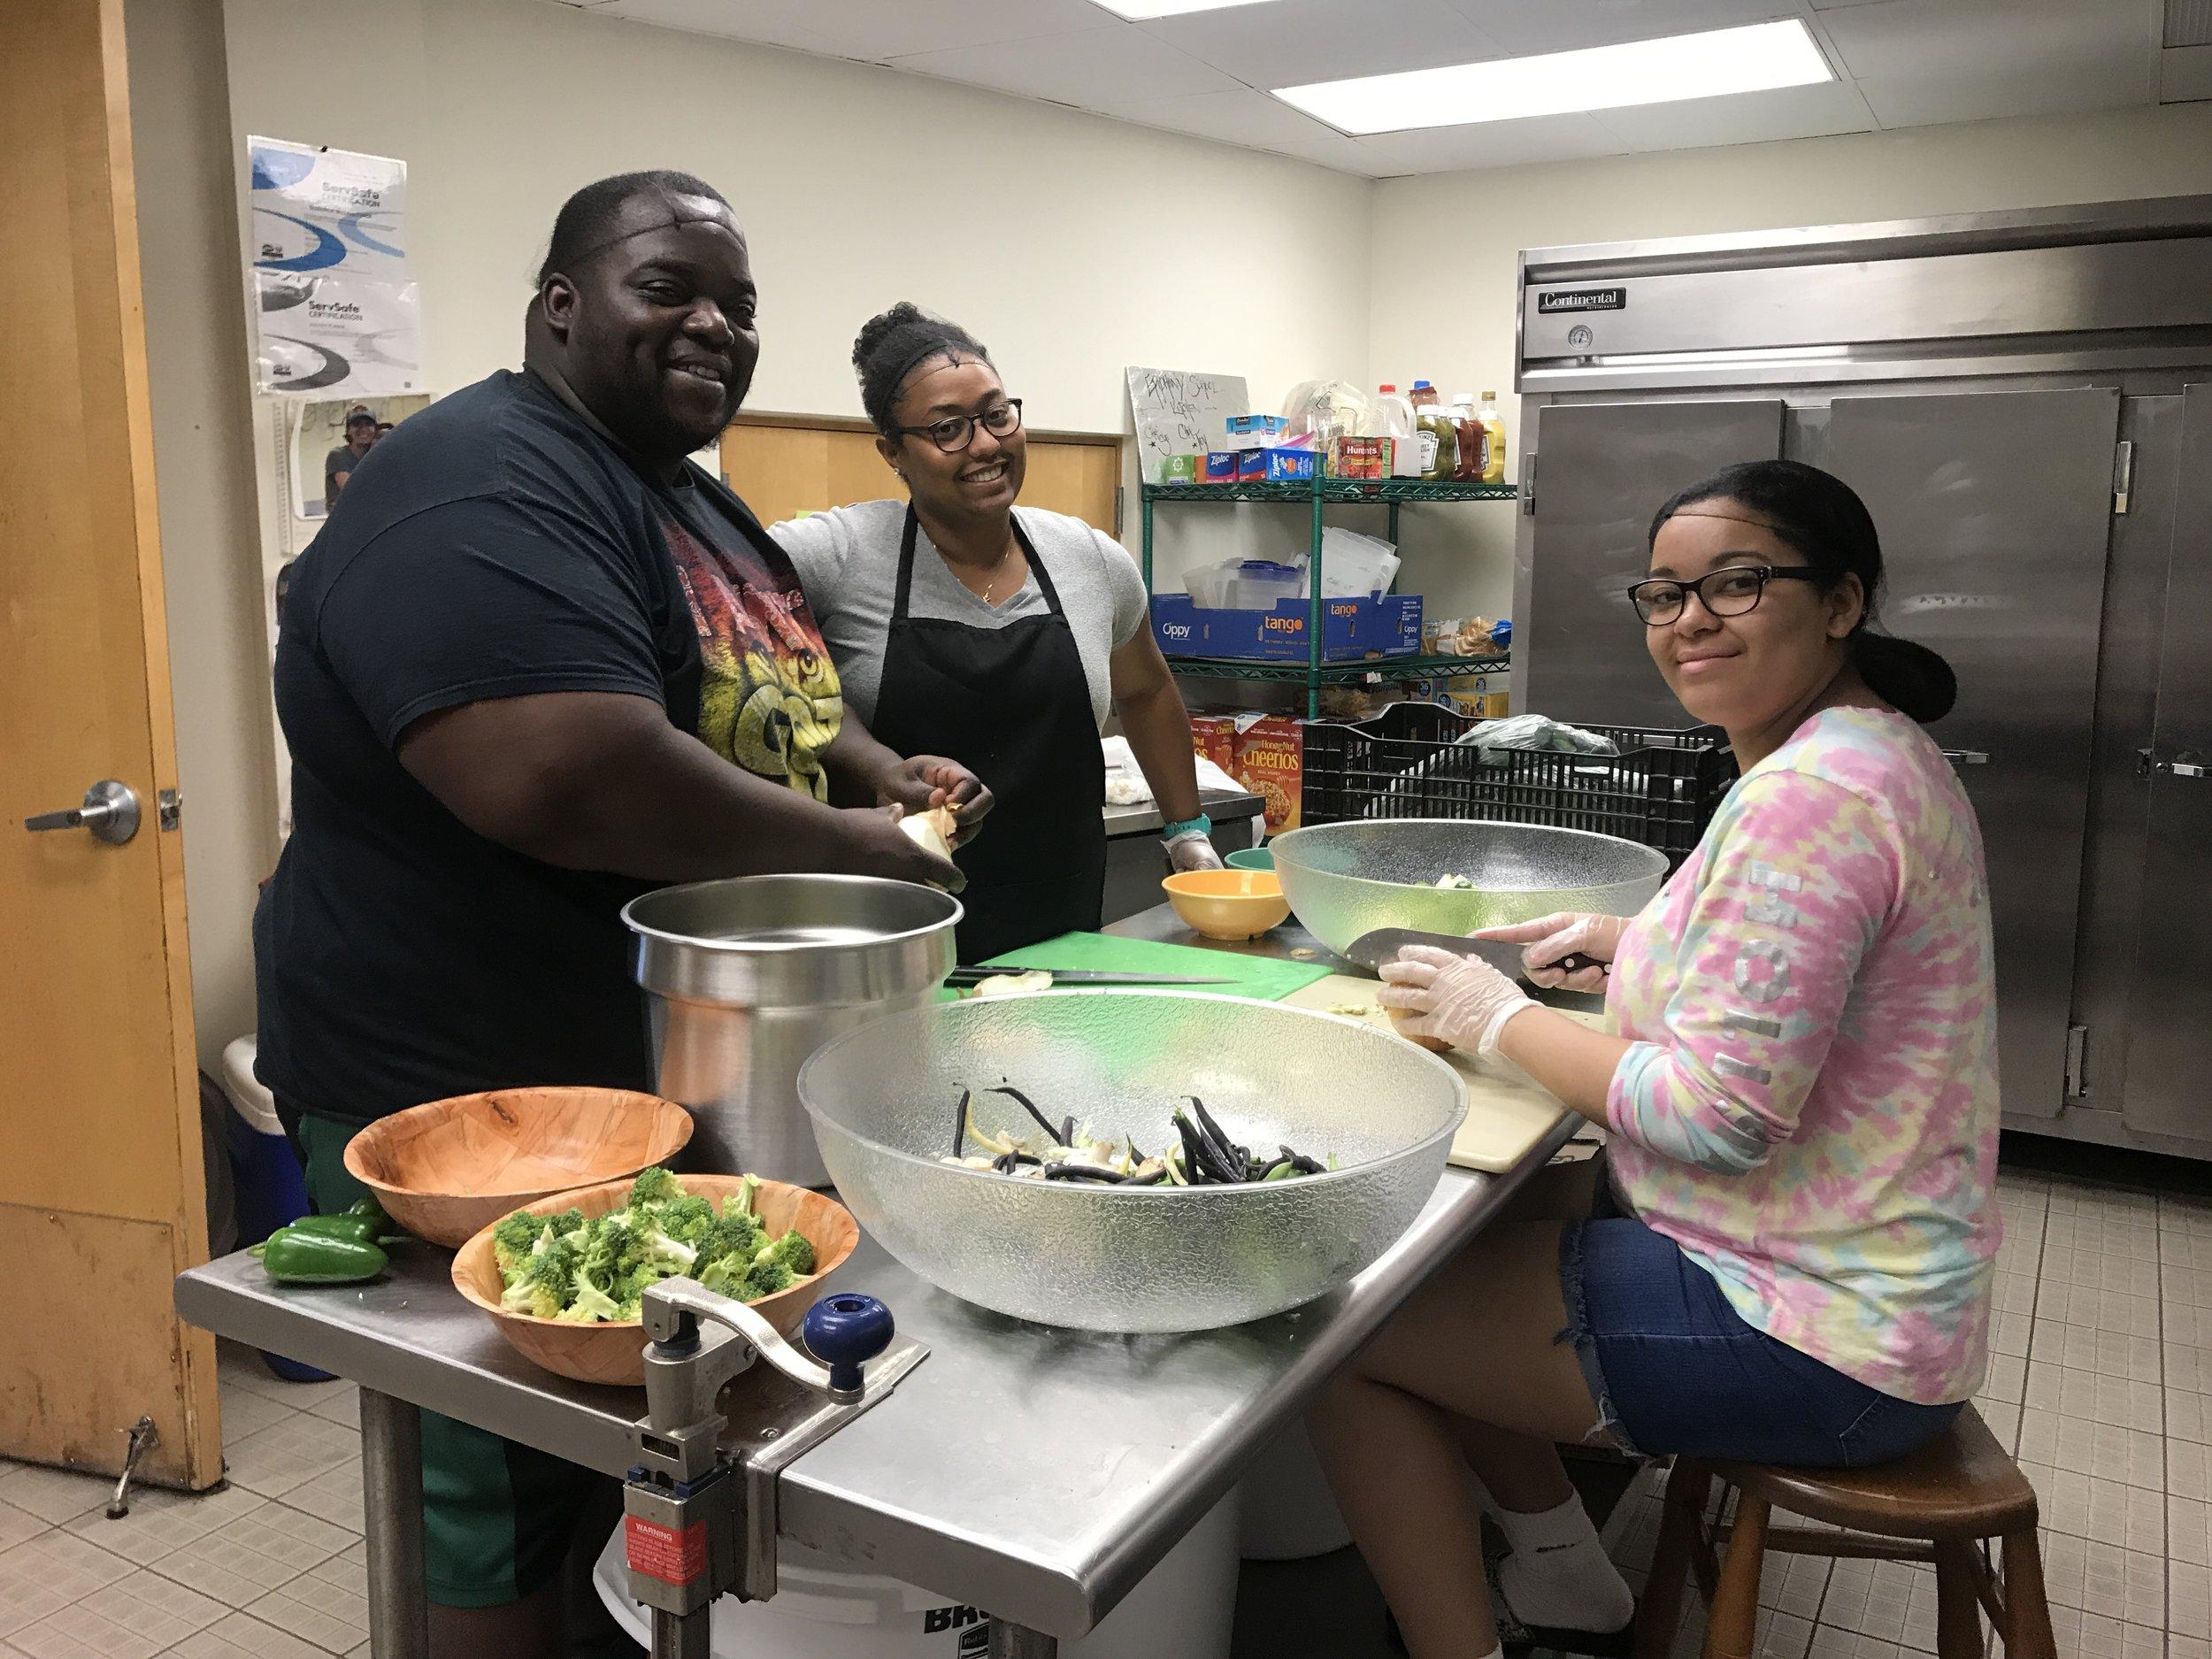 Chef Tey, Sabrina '08 and Jorelys '17 preparing the ingredients.